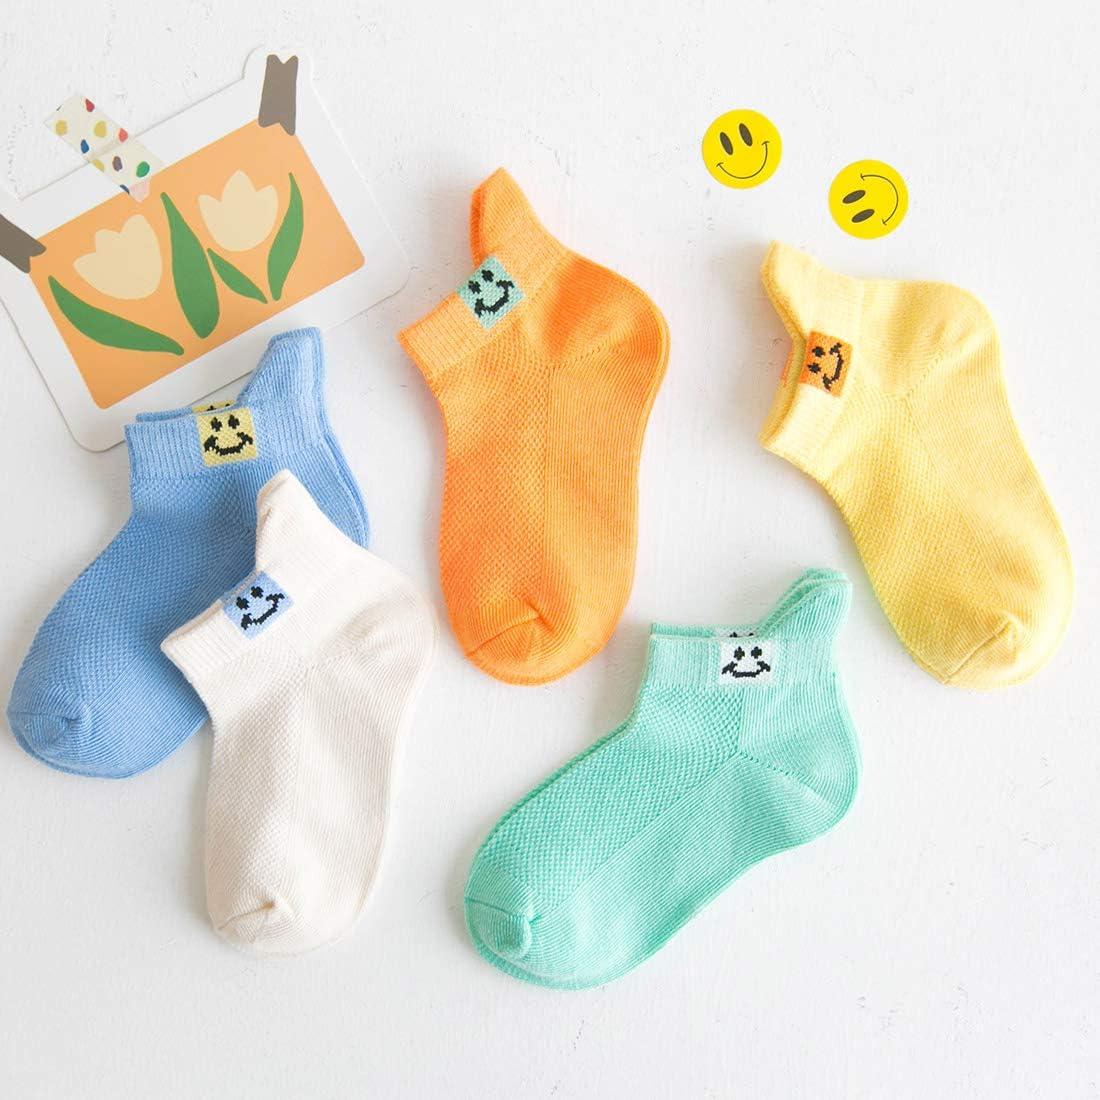 5 Paar weiche Baumwollsocken f/ür den Fr/ühling und Sommer Happy Cherry Socken f/ür Babys von 1 bis 12 Jahren